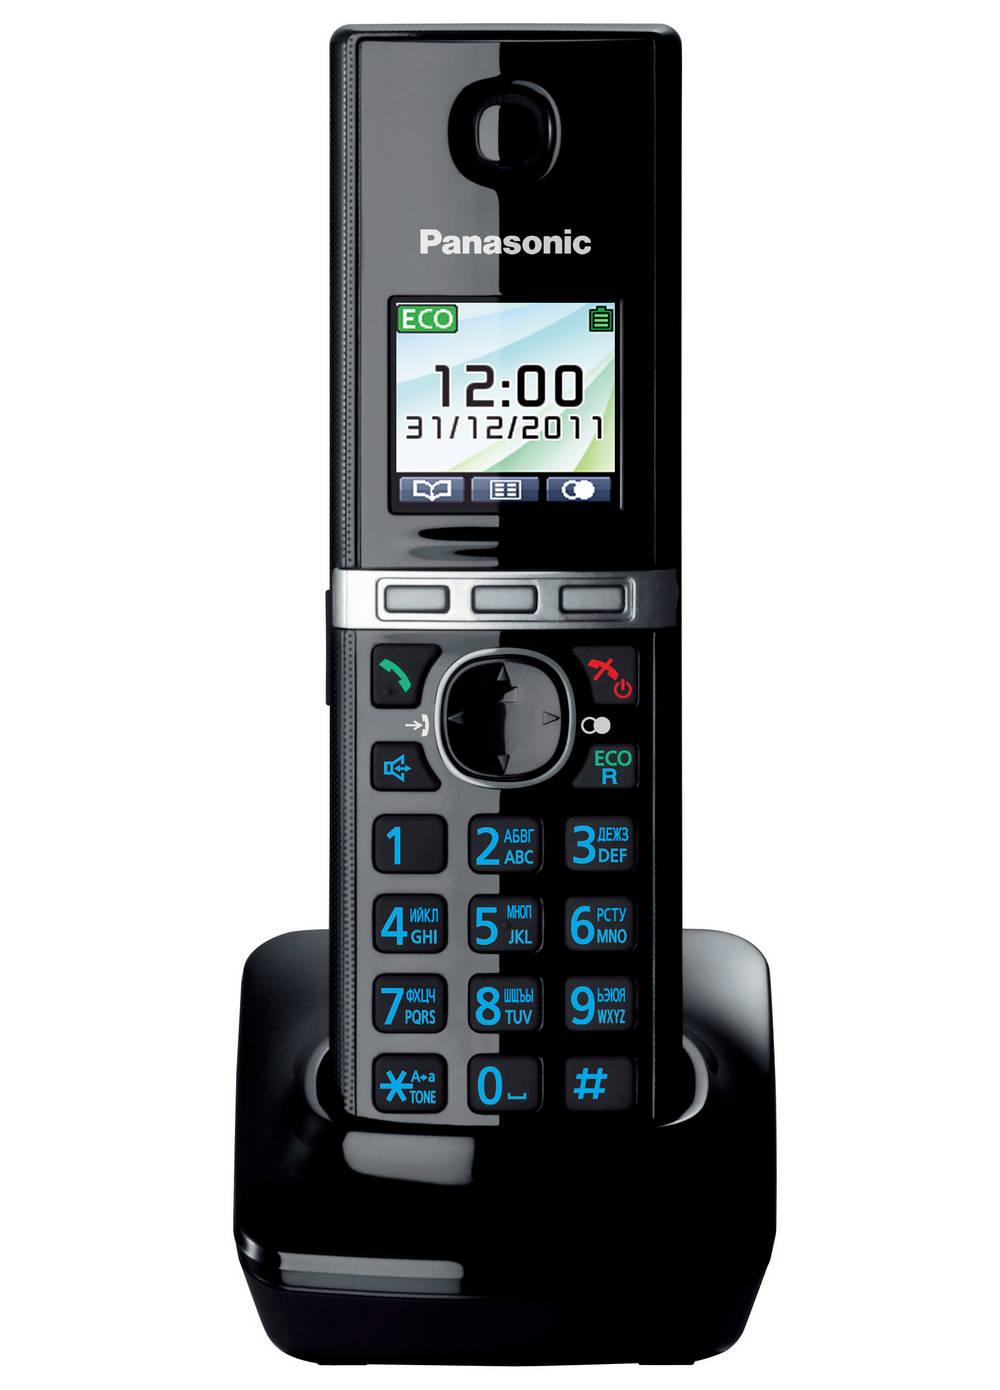 Ασύρματο Ψηφιακό Τηλέφωνο Panasonic KX-TG8051 (EU) Μαύρο με Υποδοχή Hands Free